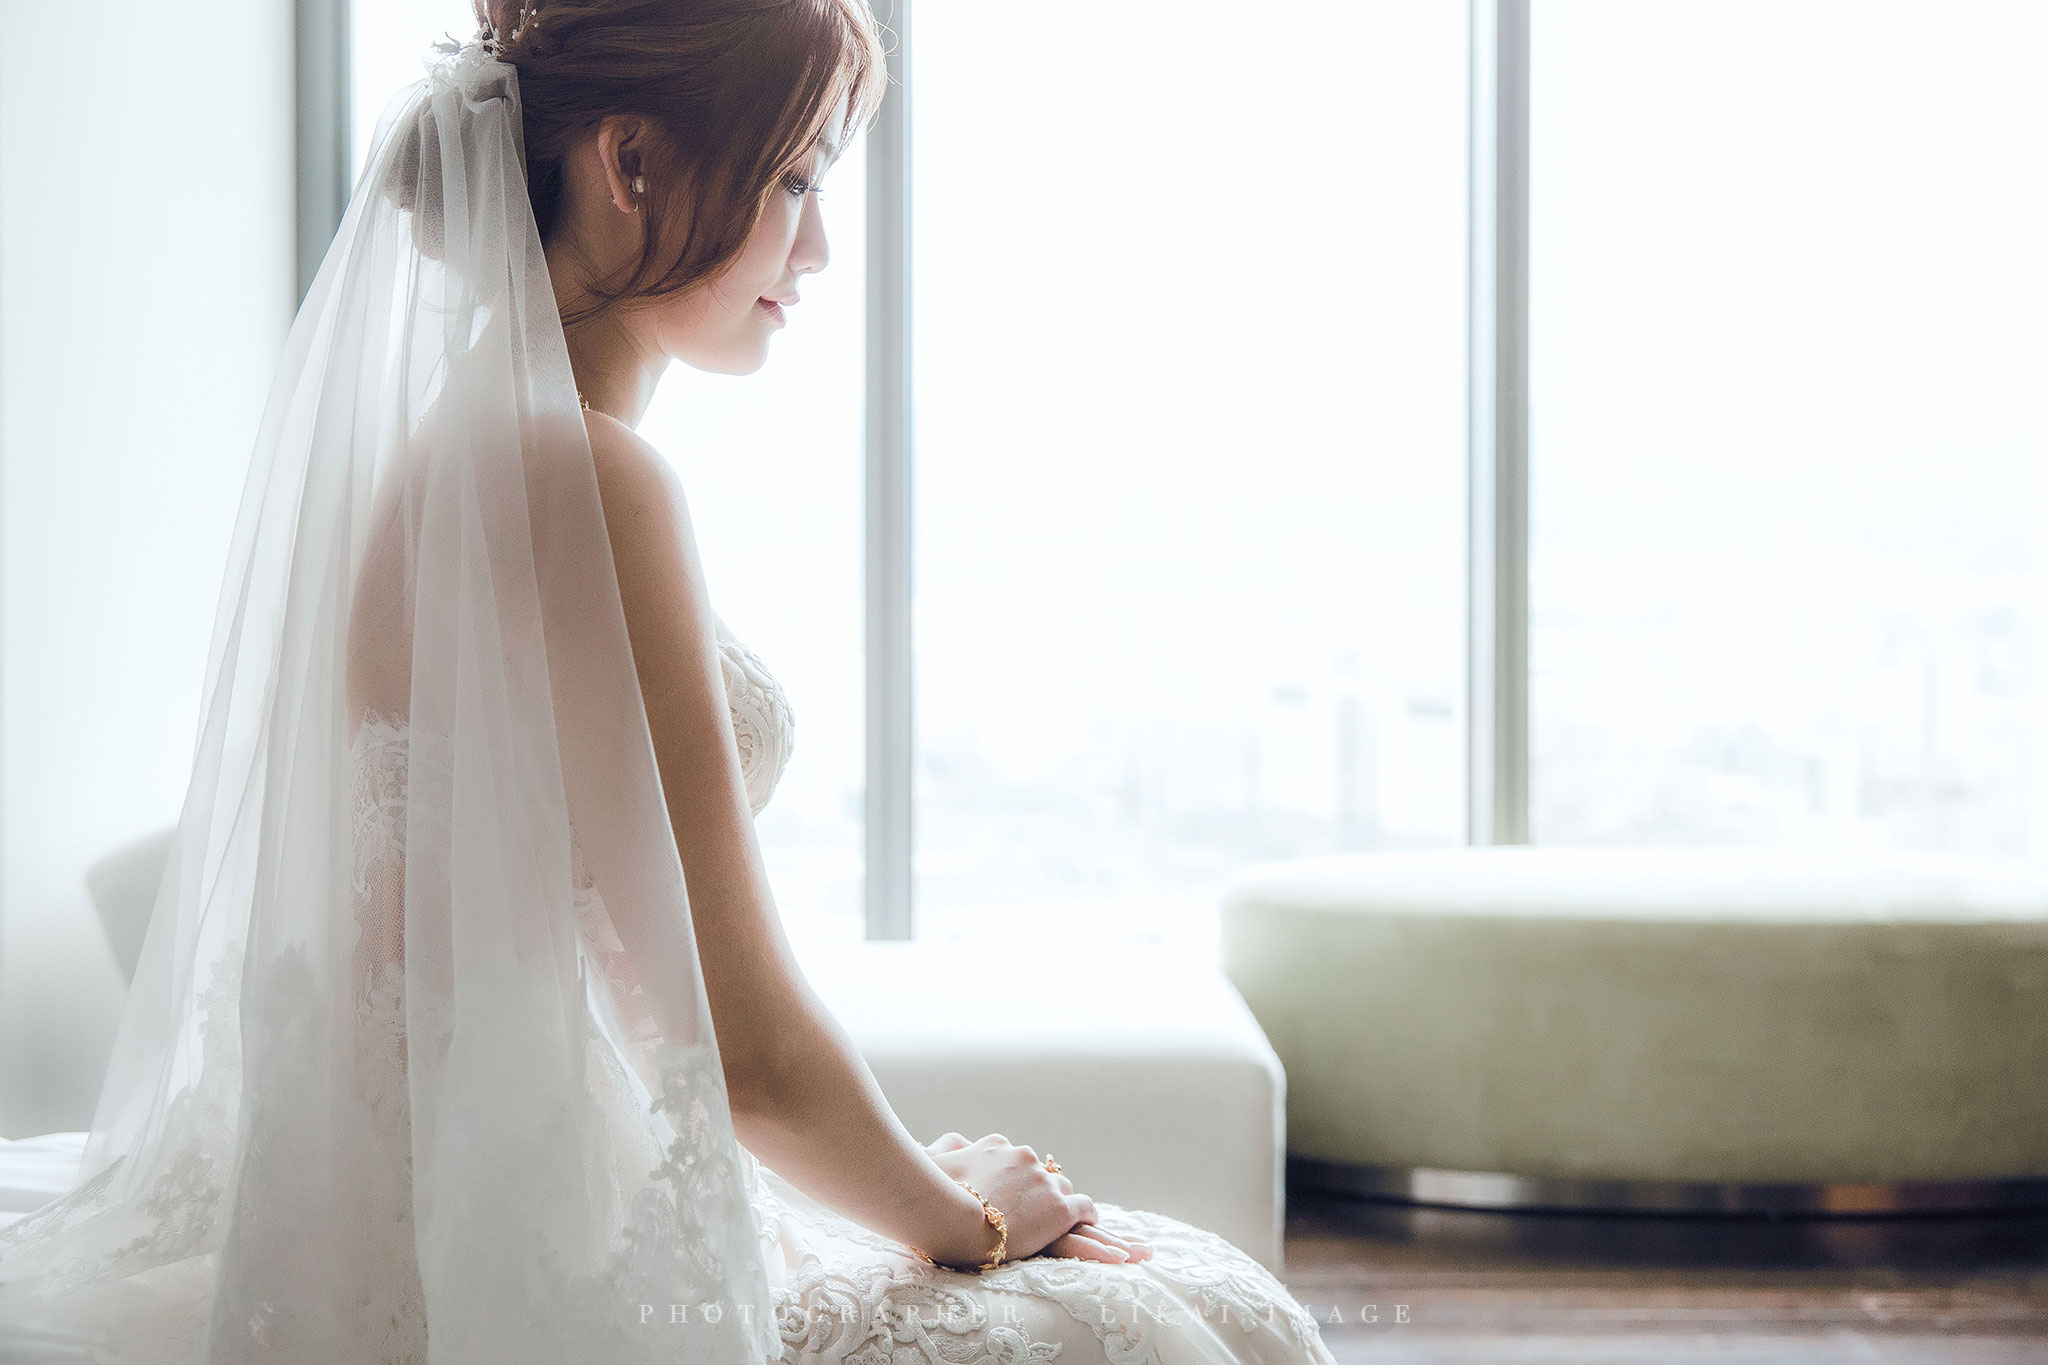 婚禮紀錄 - 宜珊 & 威志 - W Taipei